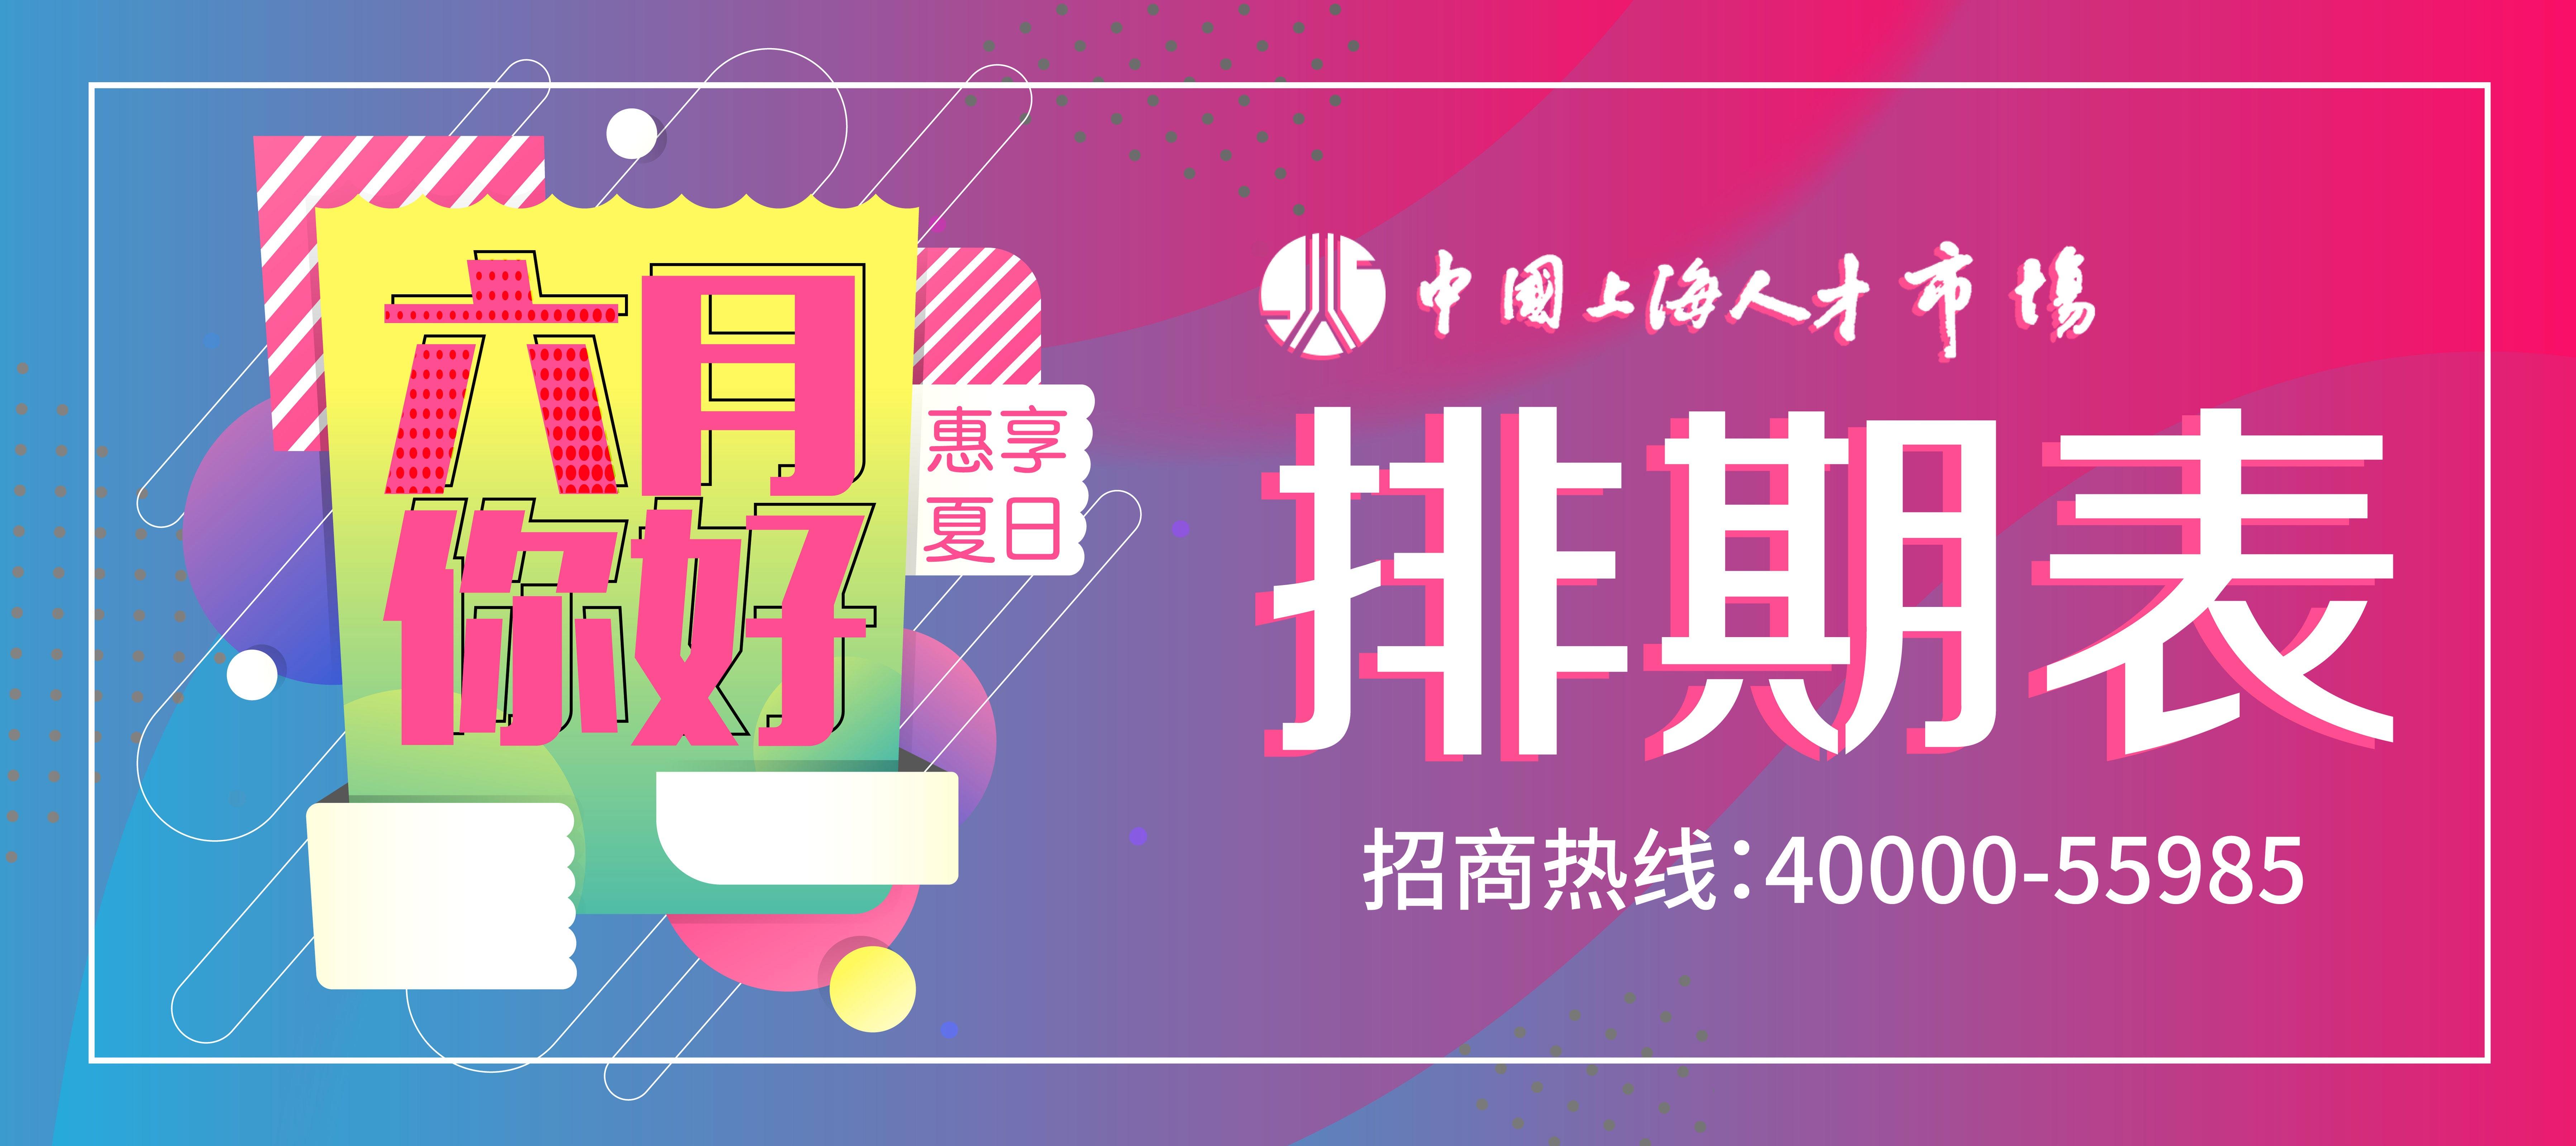 中国上海人才市场六月招聘会排期预告